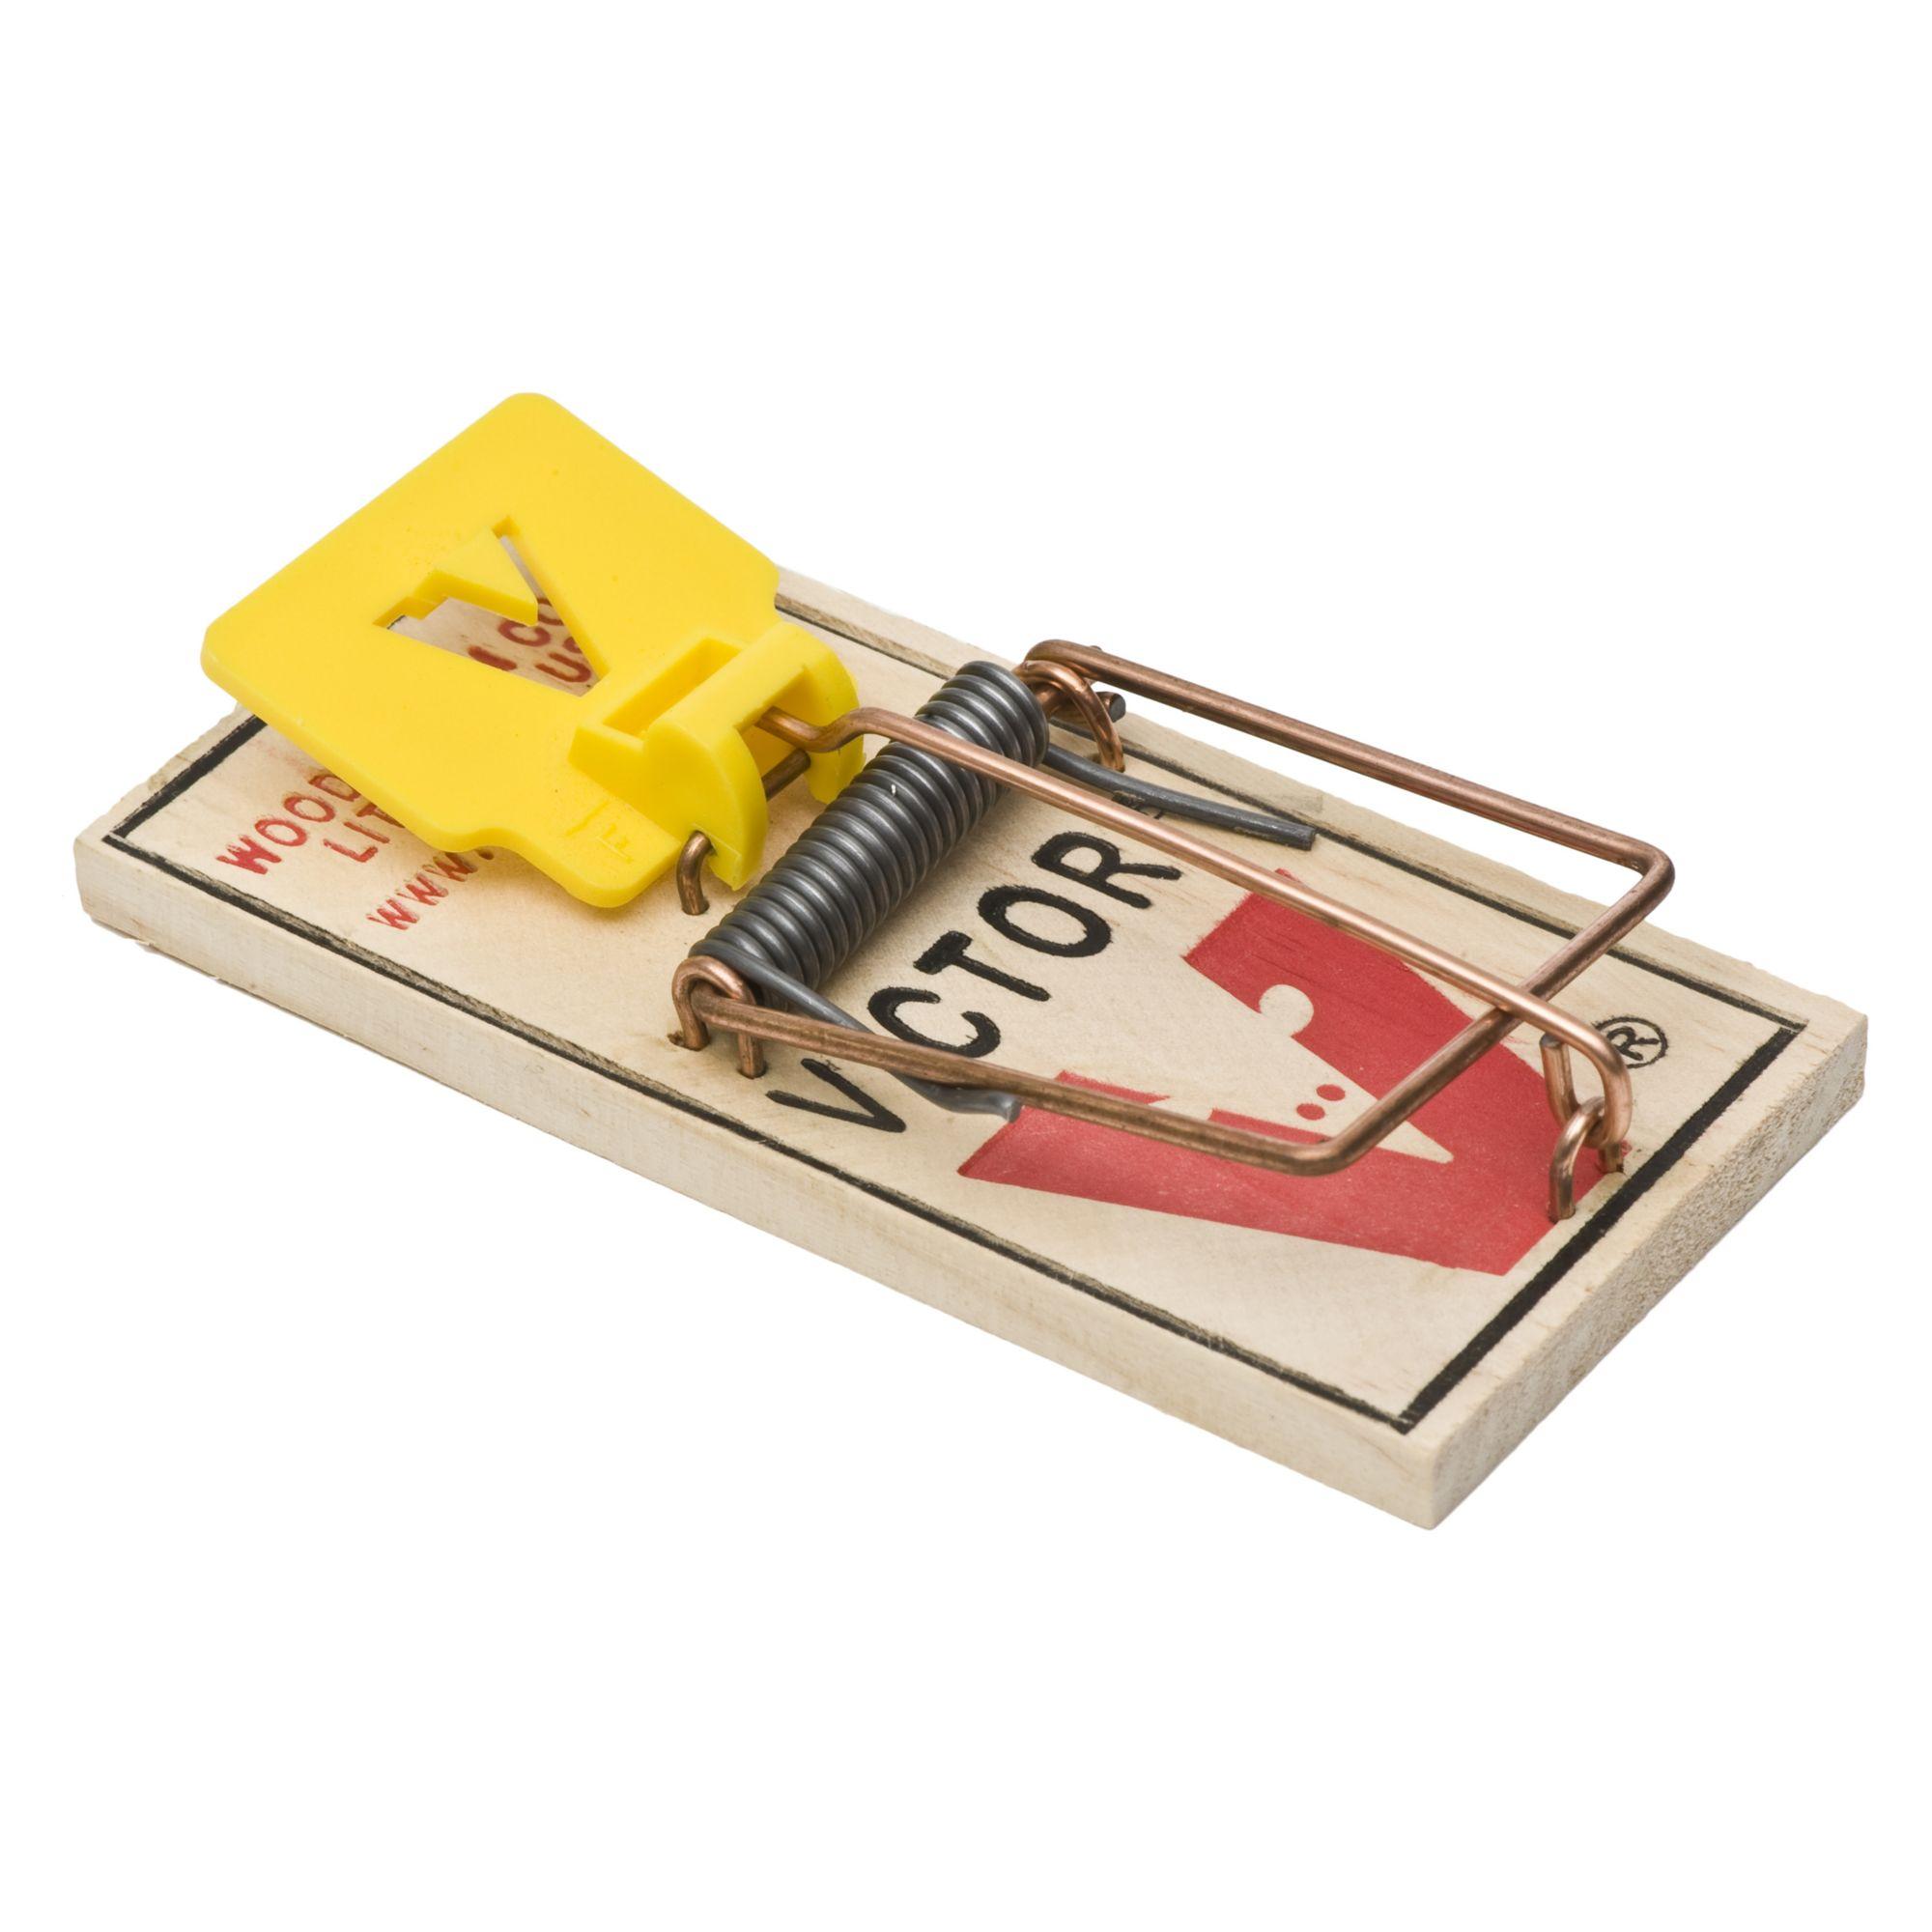 victor easy set mouse snap trap 72 pack model bm325. Black Bedroom Furniture Sets. Home Design Ideas